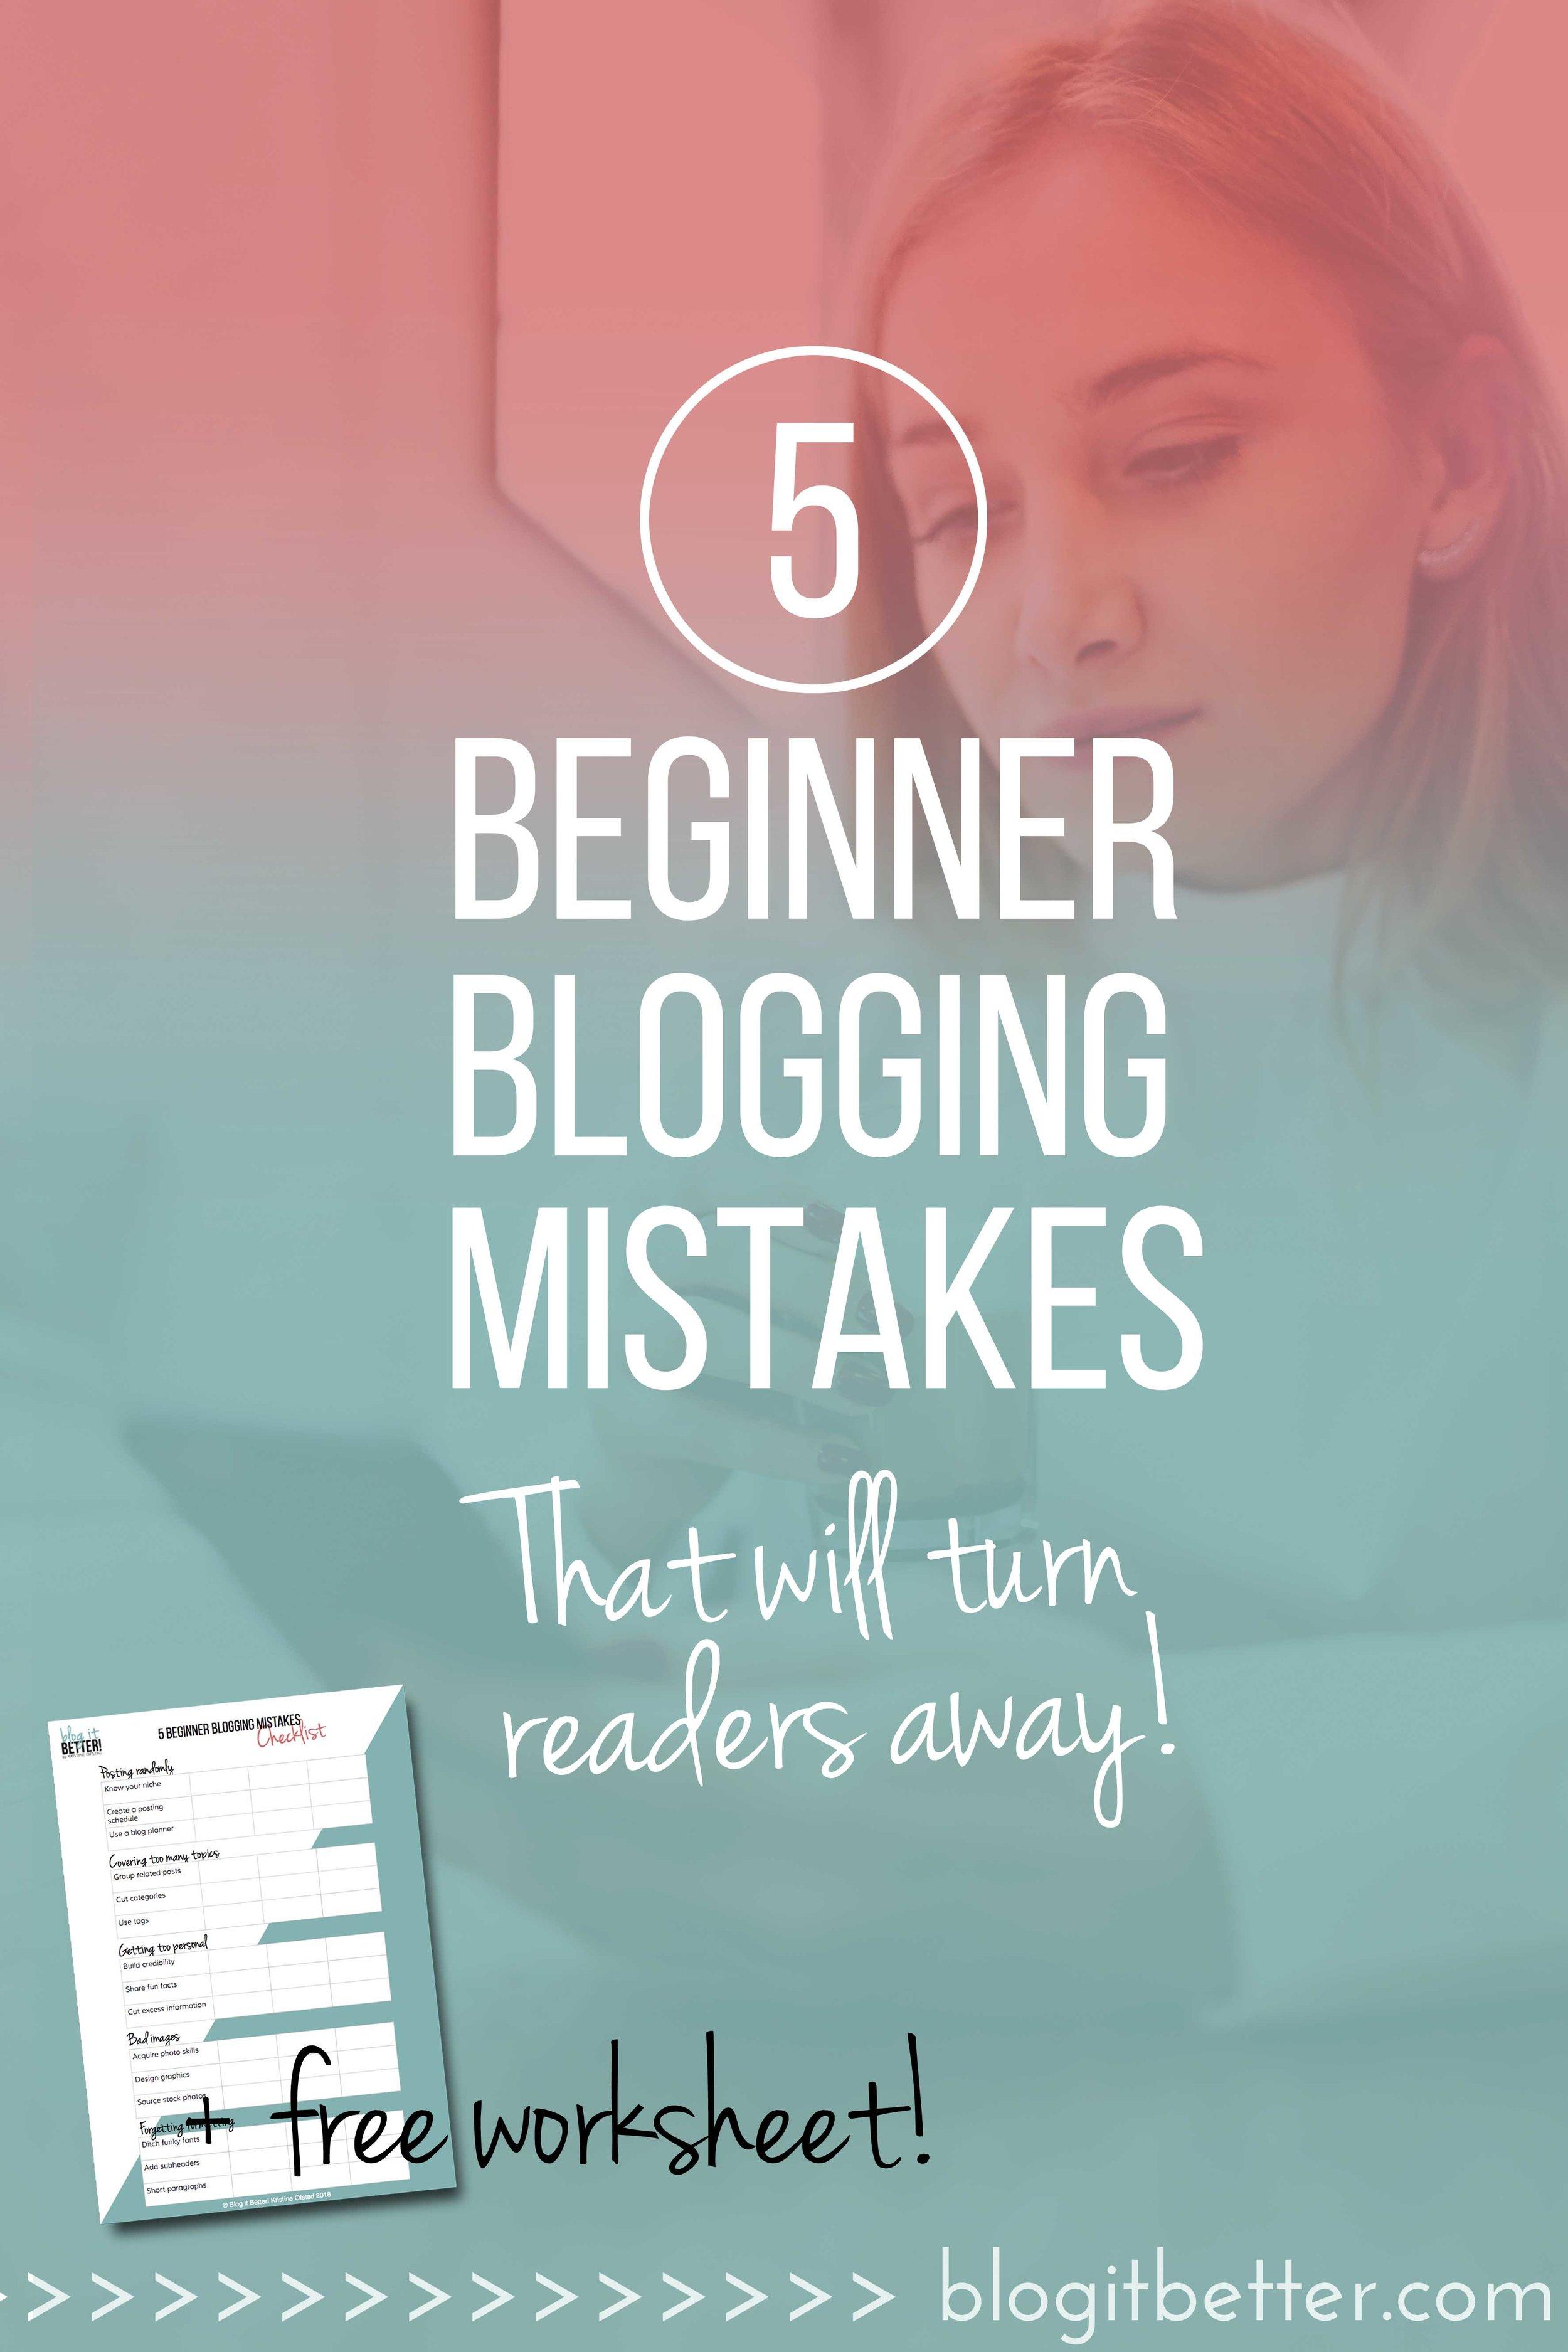 Are You Making These 5 Huge Beginner Blogging Mistakes? + FREE worksheet download! #bloggingmistakes #bloggingtips #blogitbetter #socialmediatips #blog #blogger #bloggingforbeginners #blogideas #bloggingformoney #freedownload